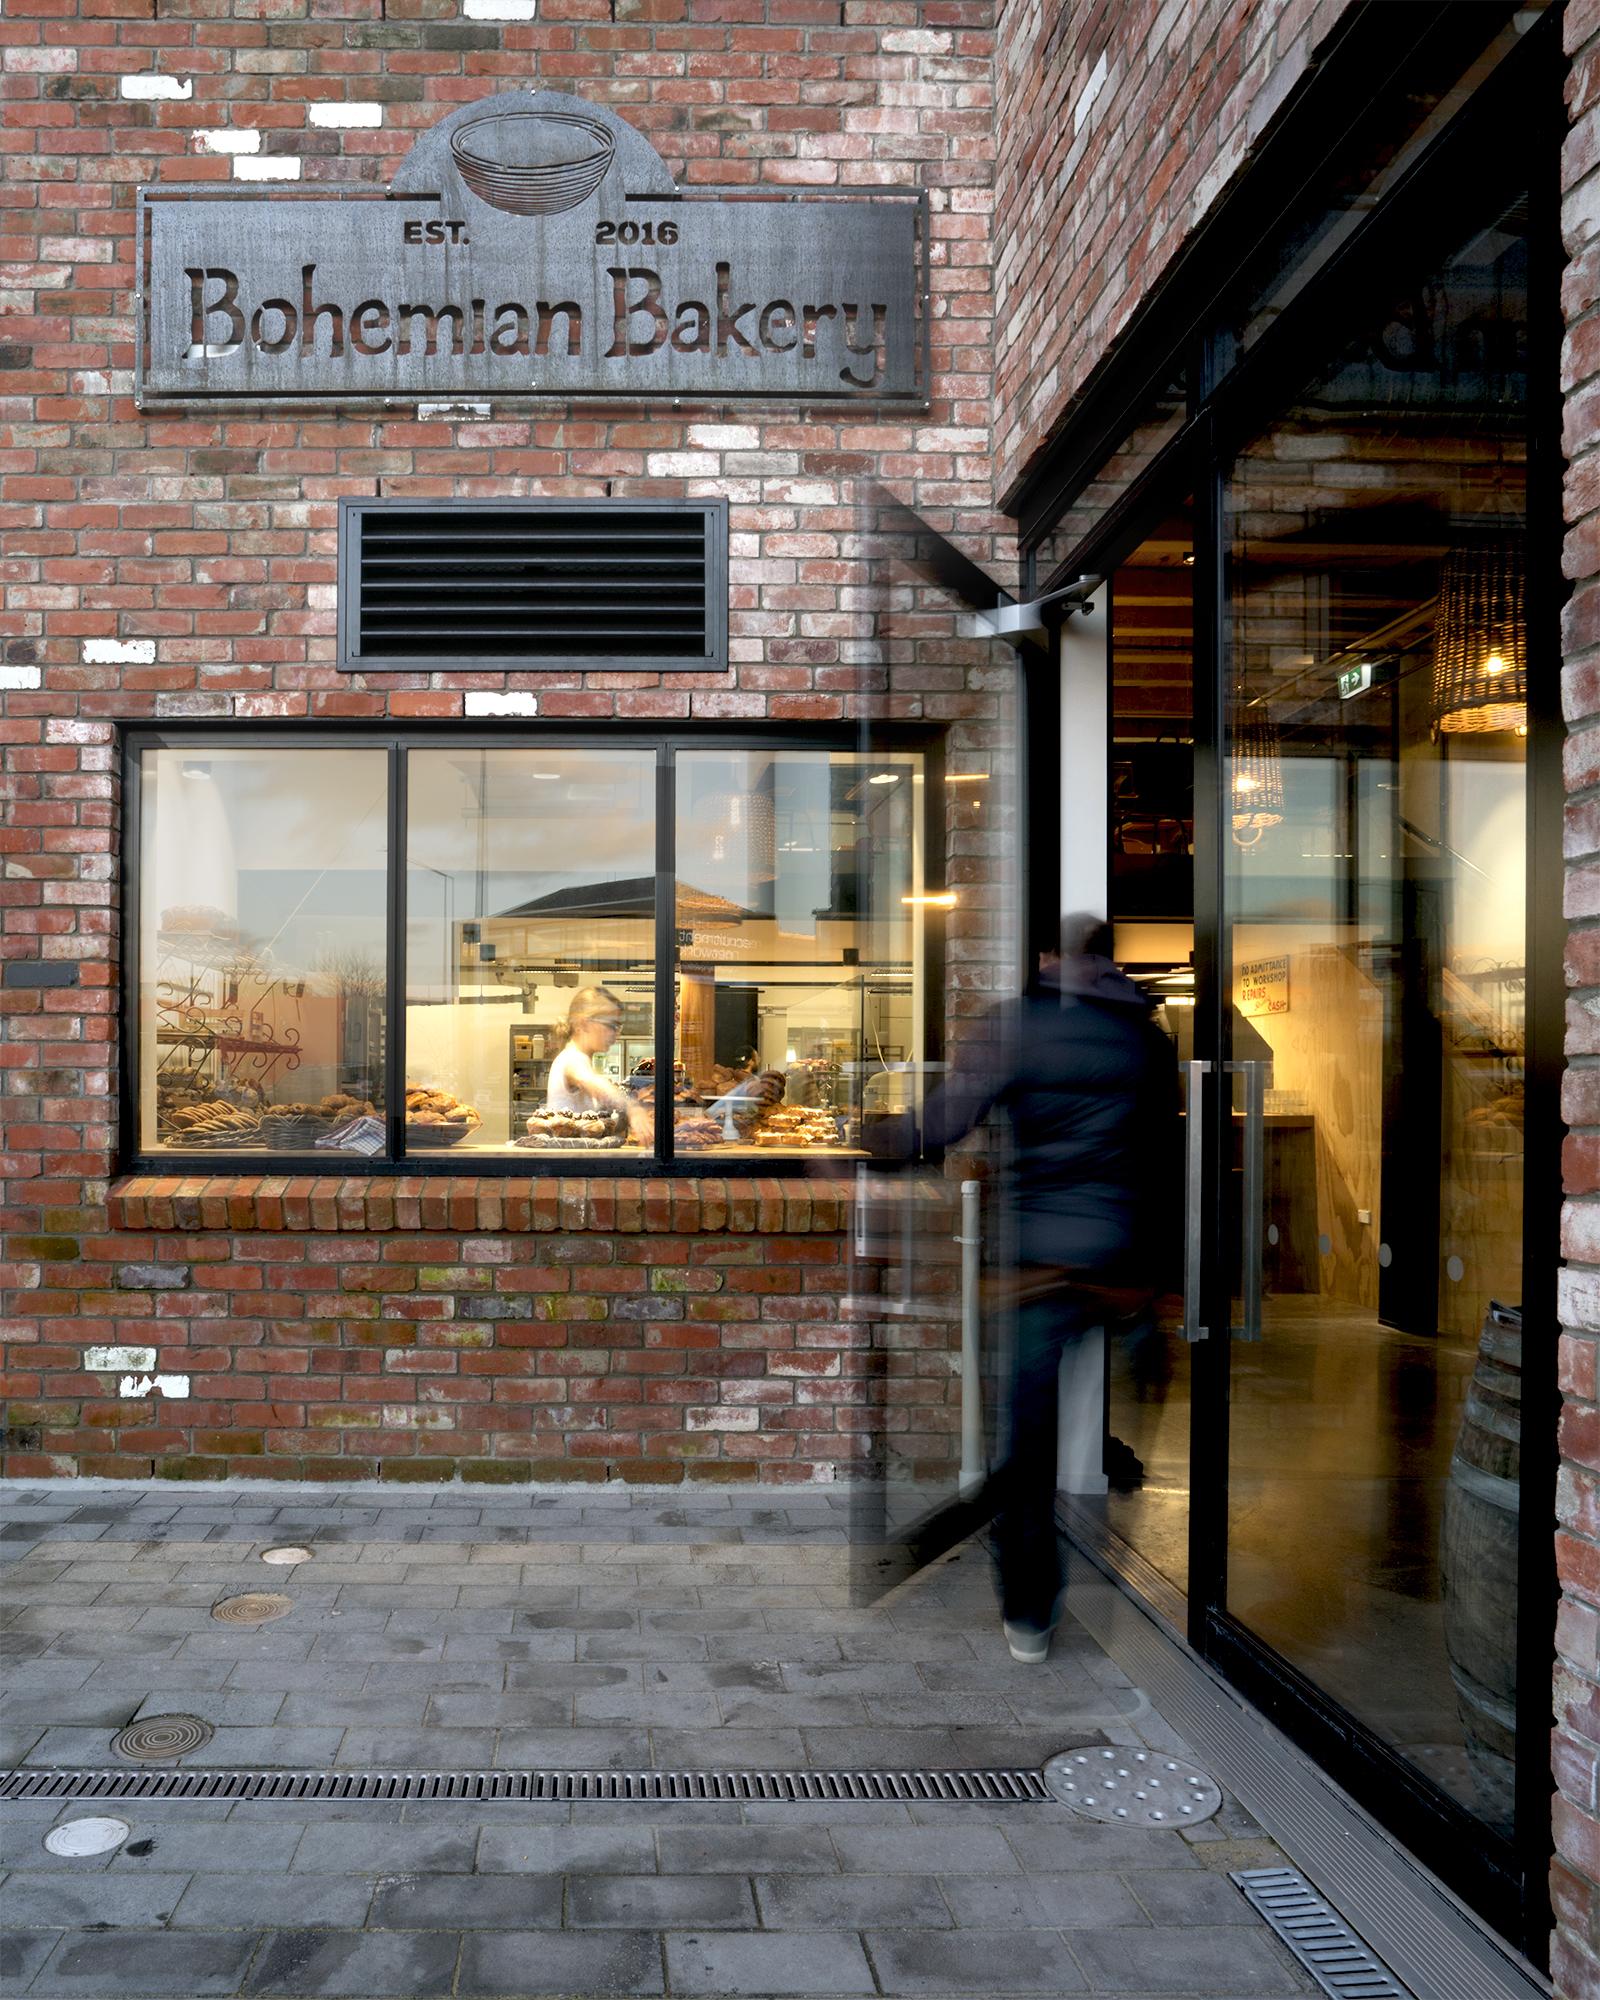 Peter Dunbar - Bohemian Bakery 01